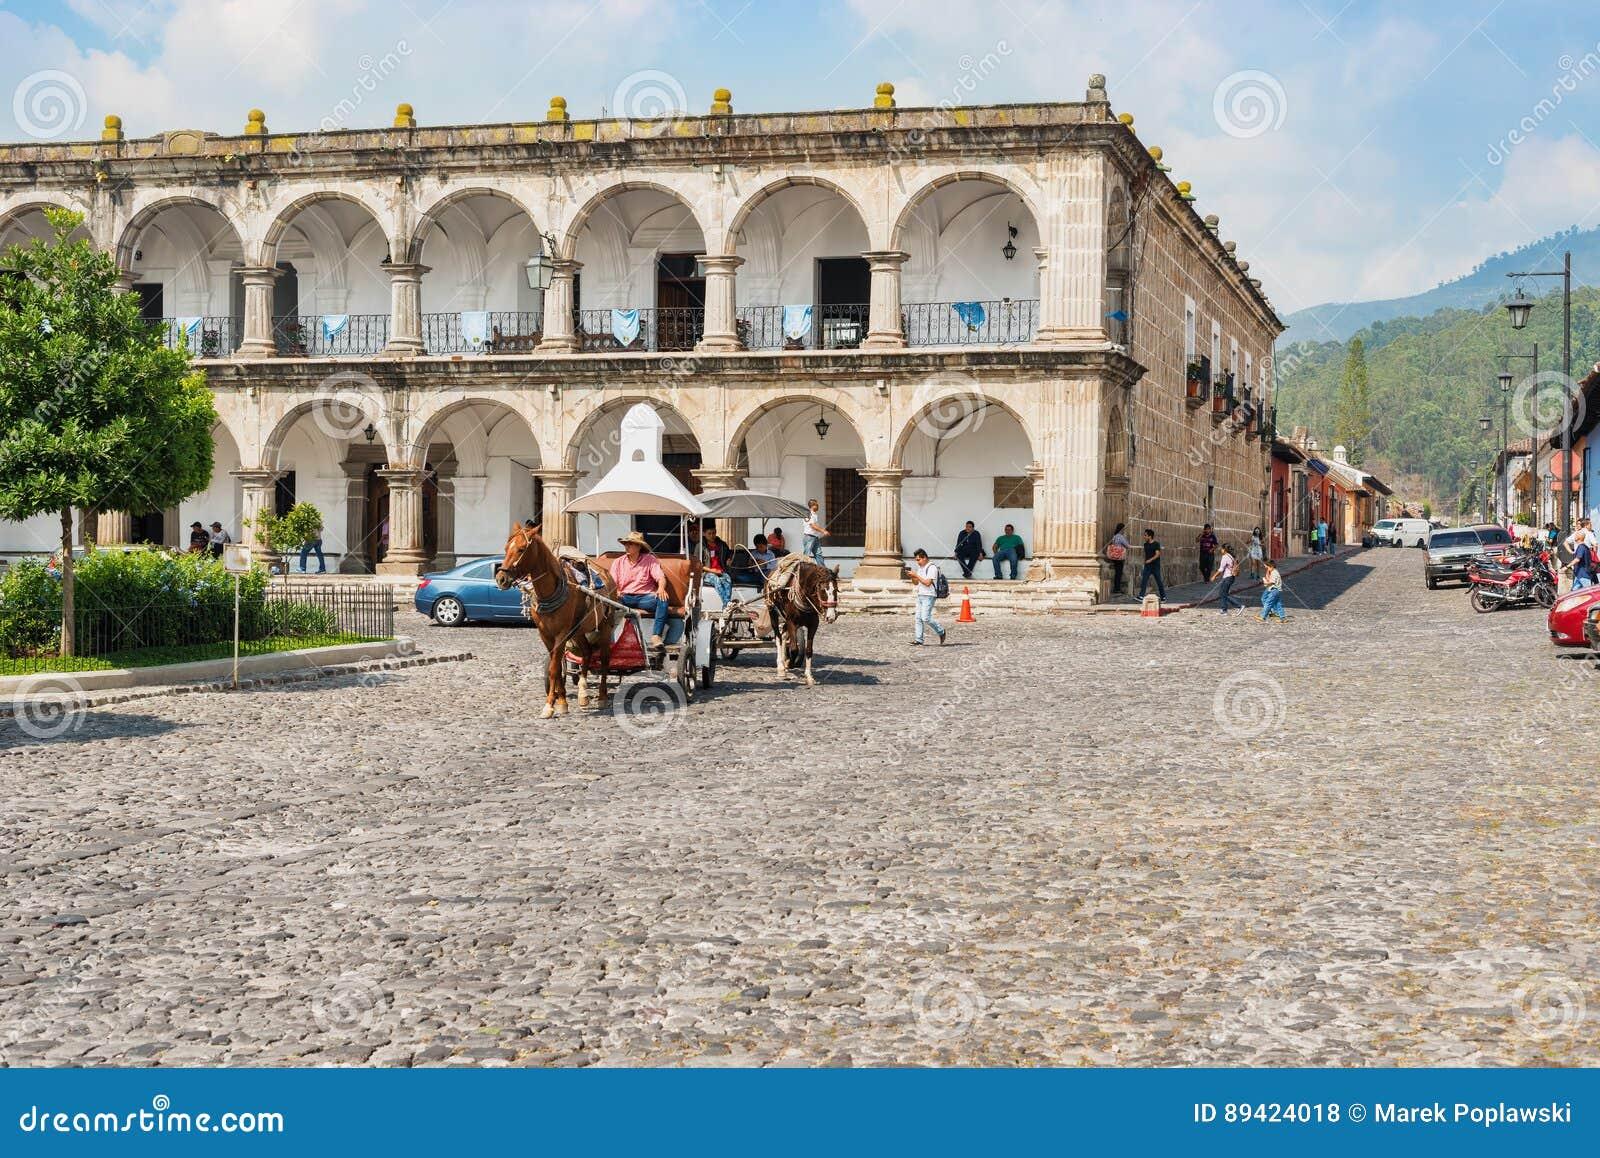 Casas e tráfego pela plaza principal em Antígua, Guatemala